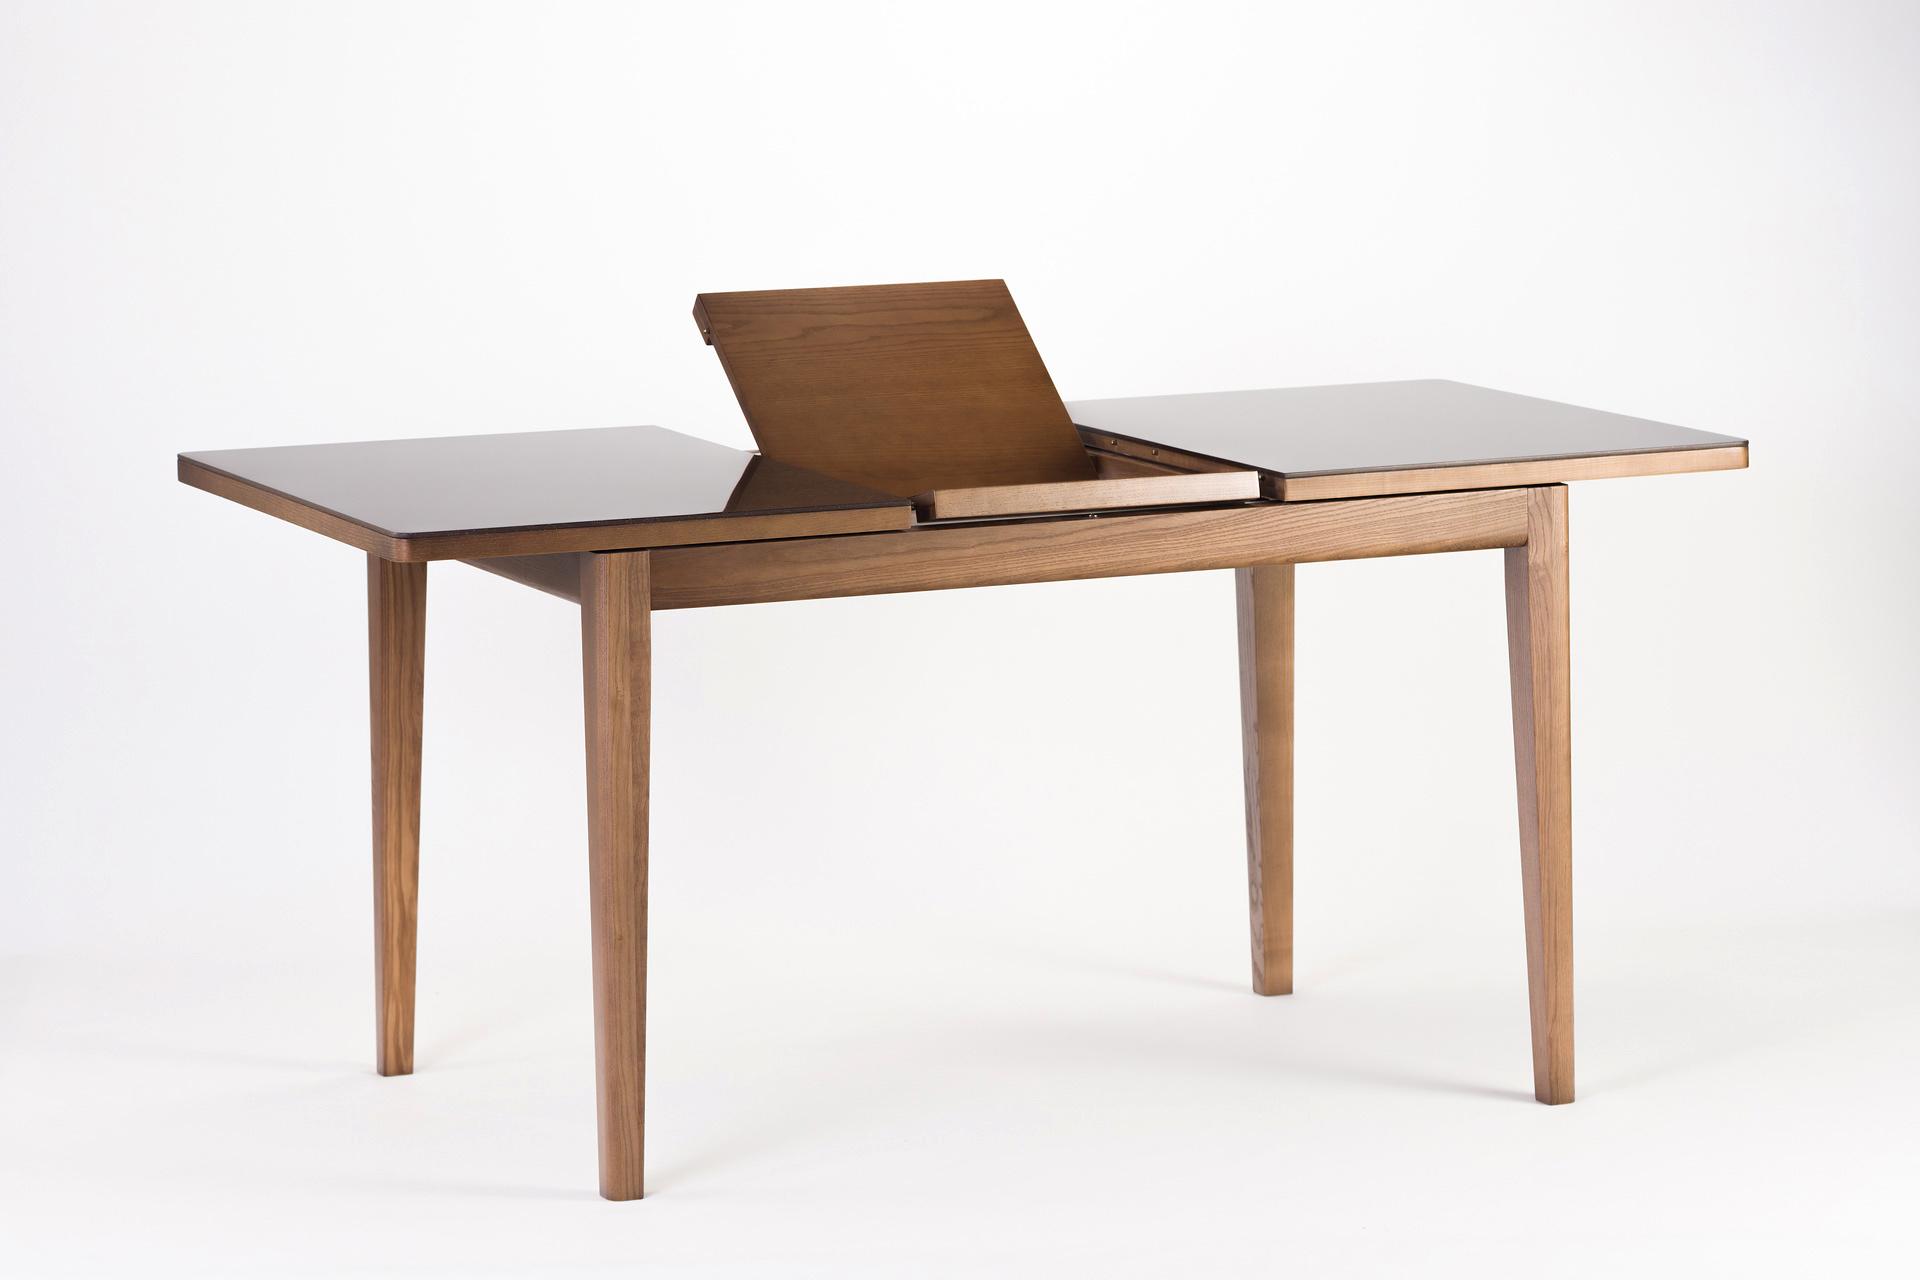 """Кухонный стол """"Фишер"""" с раскладной каменной столешницей, тонировка SE-7031, механизм раскладки"""